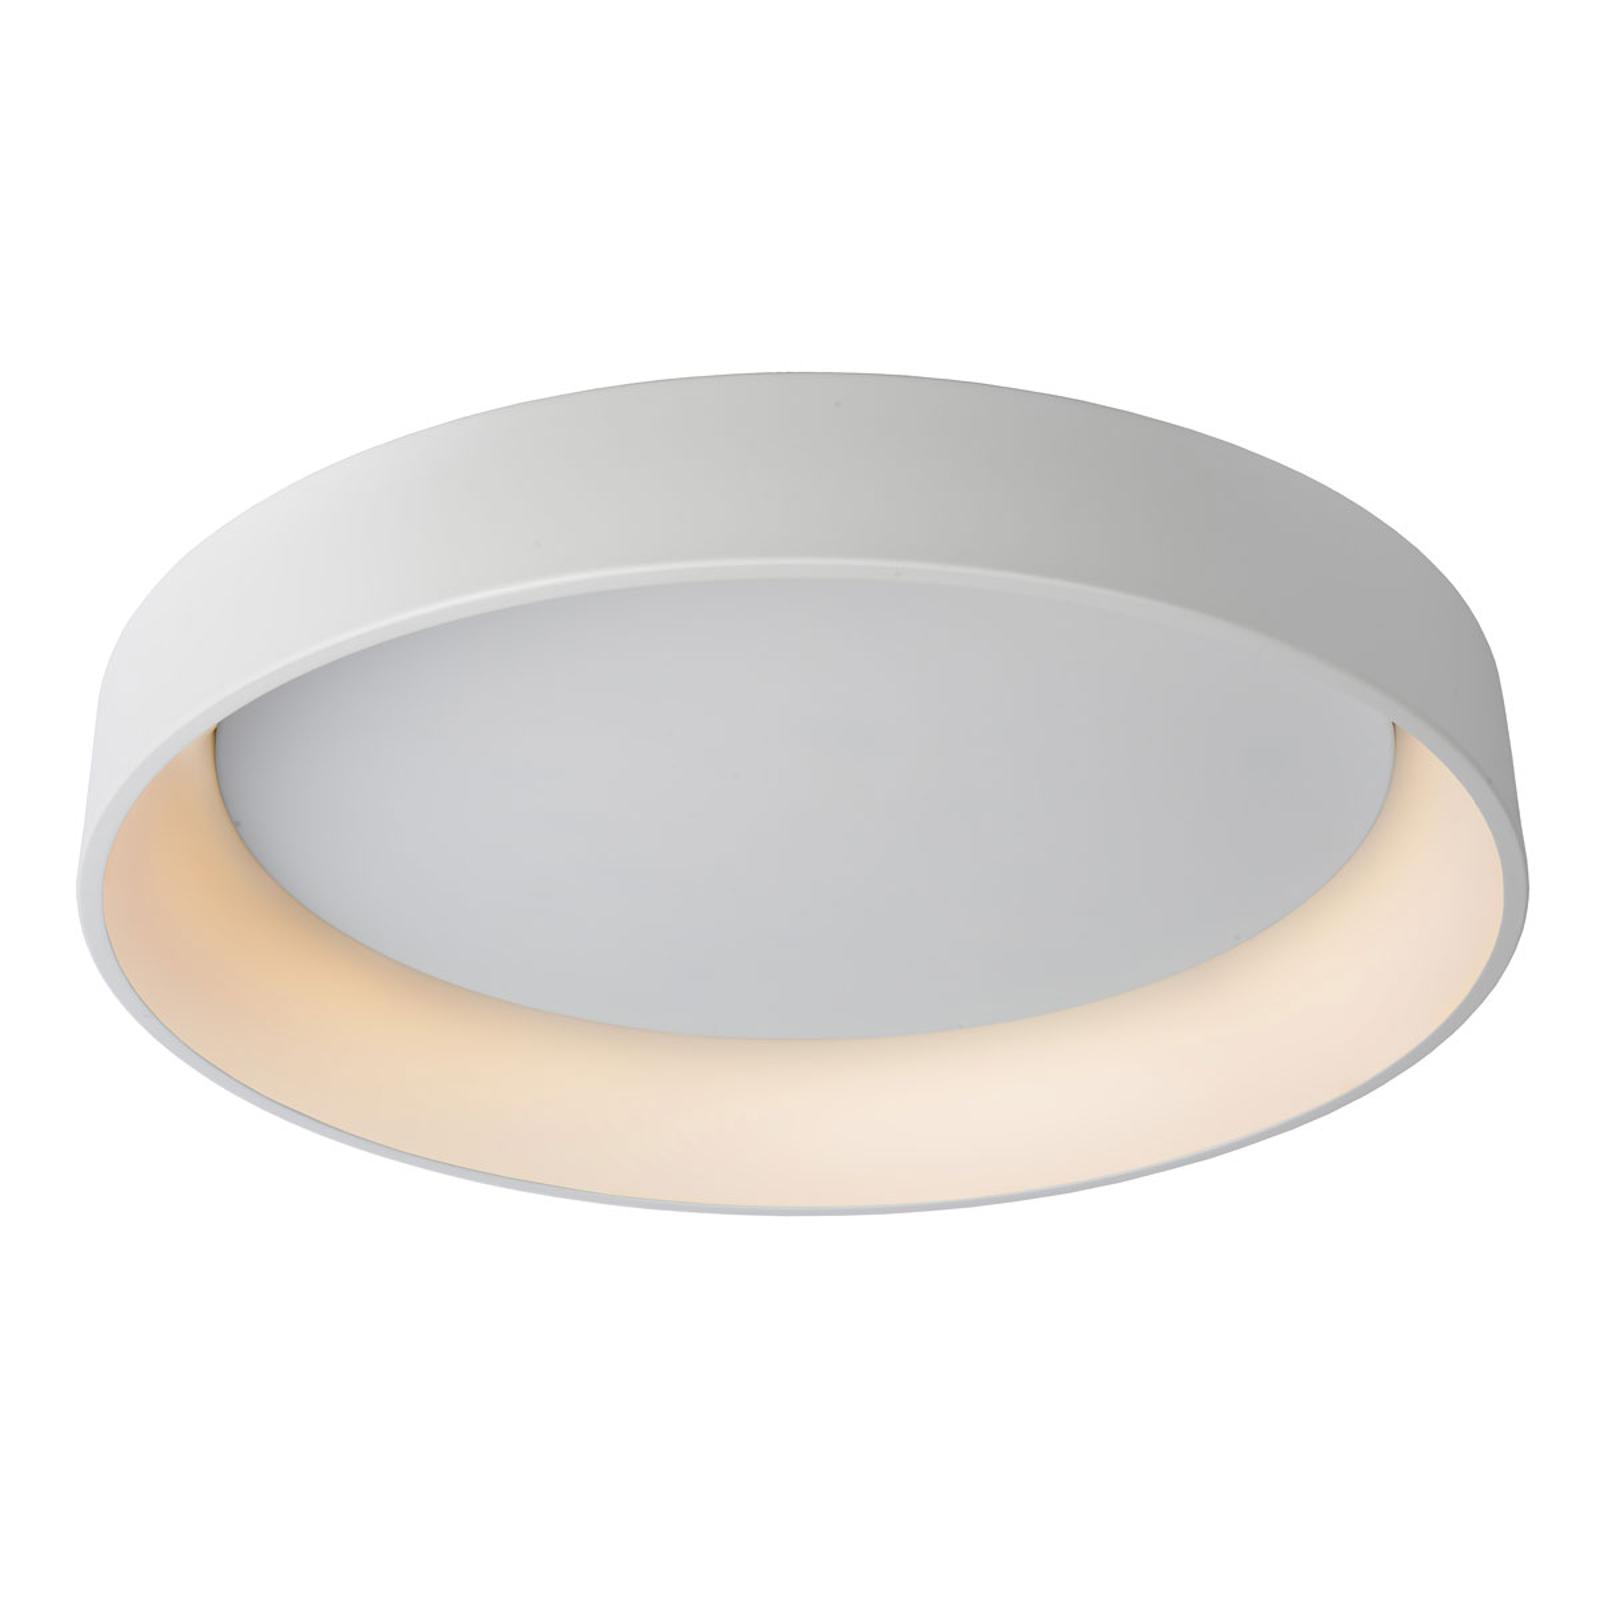 LED-kattovalaisin Talowe, valkoinen, Ø 80 cm